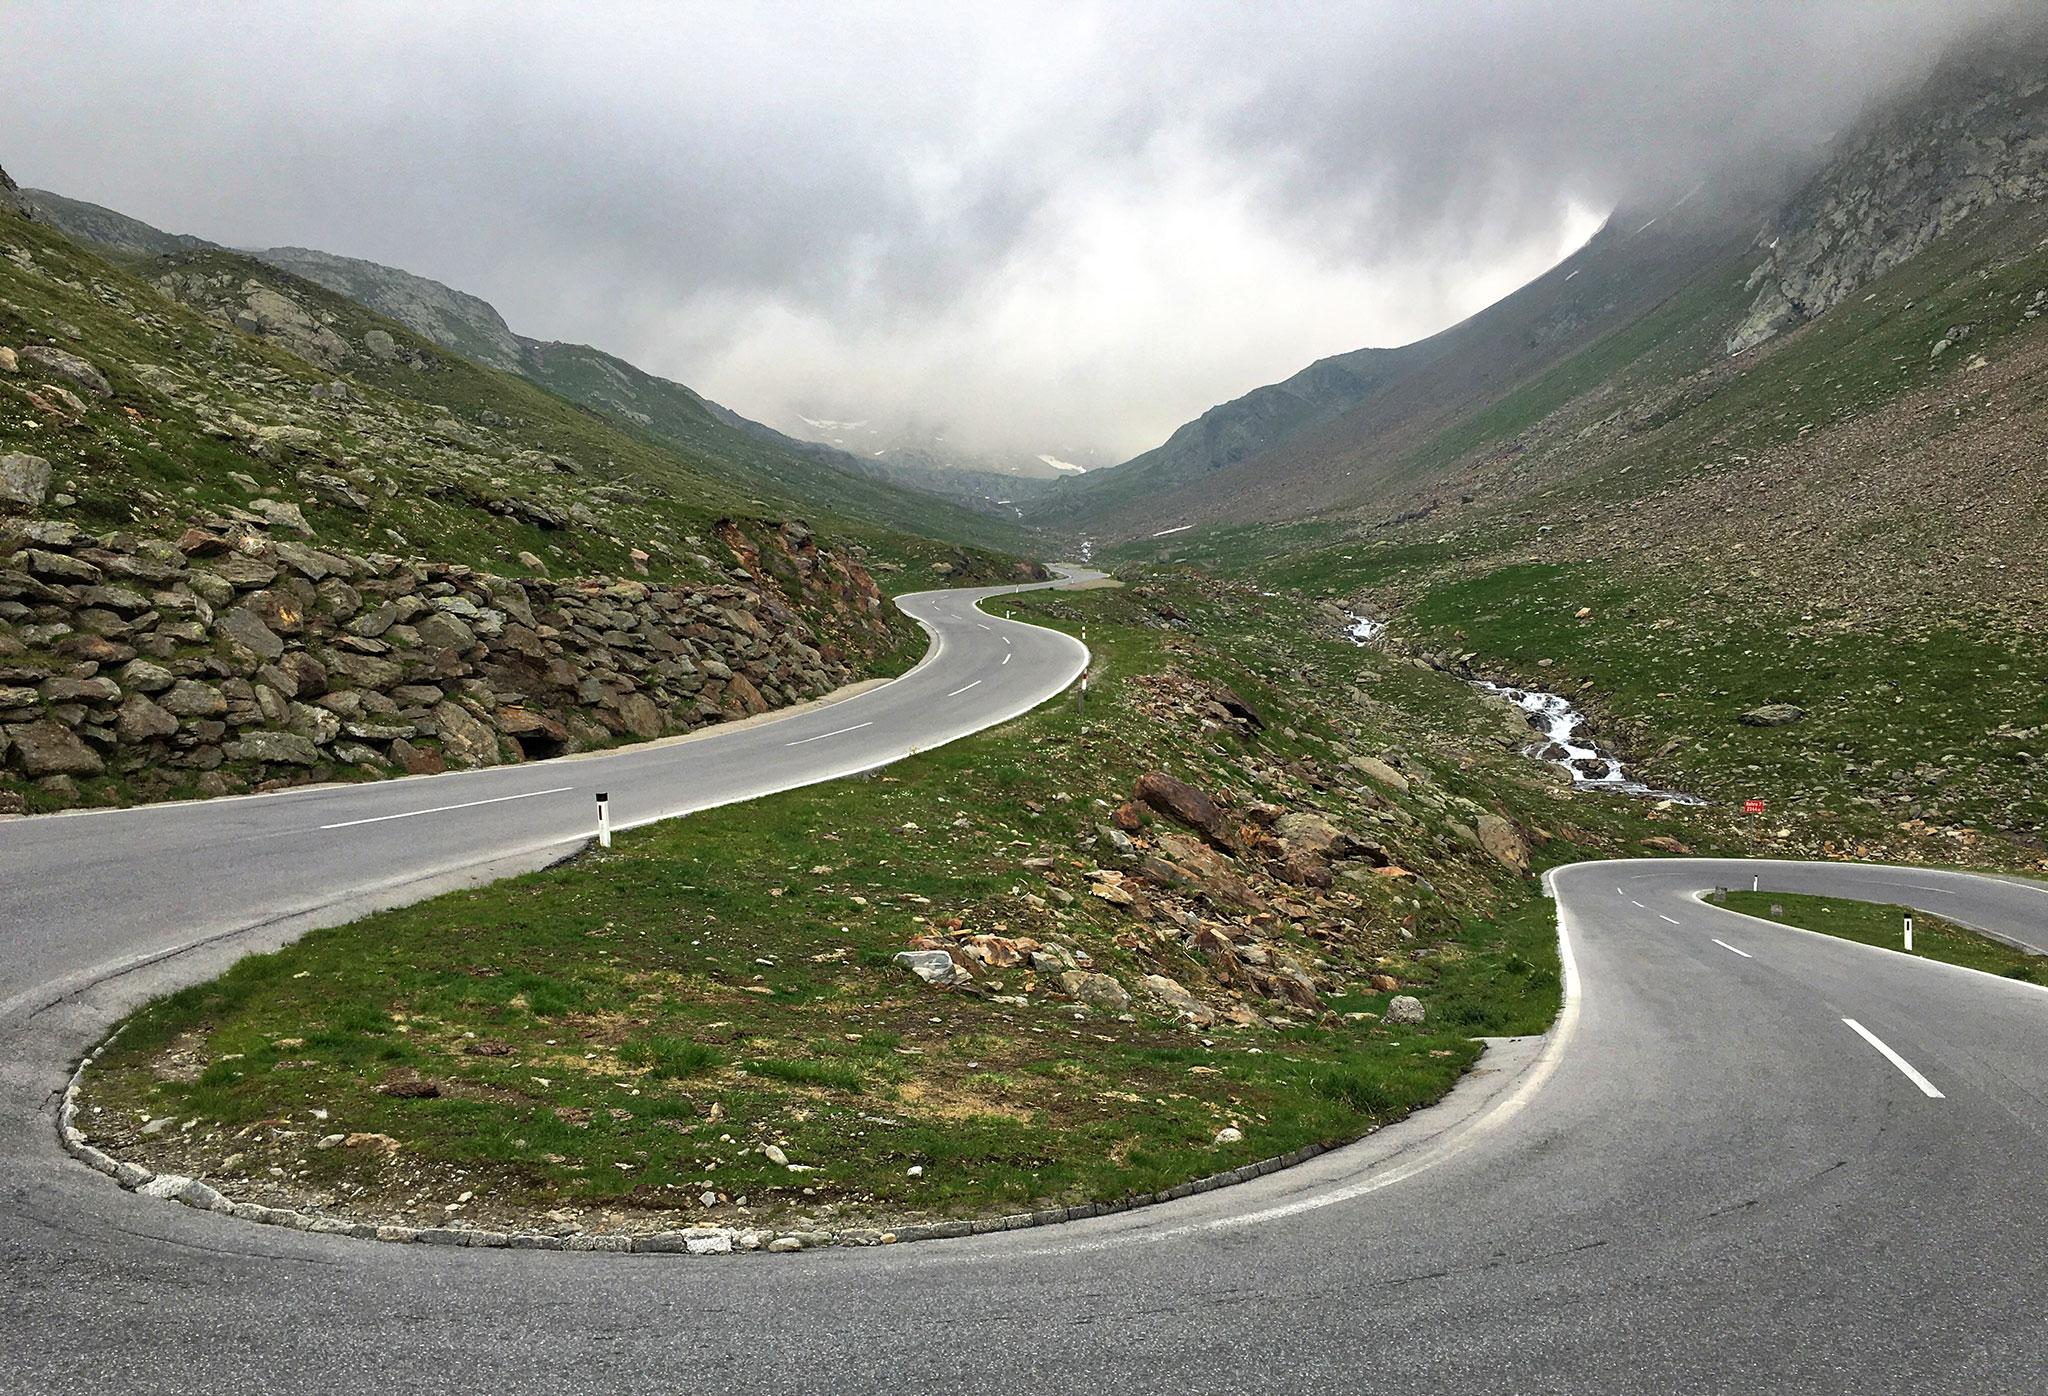 Higher up along Timmelsjoch high alpine road